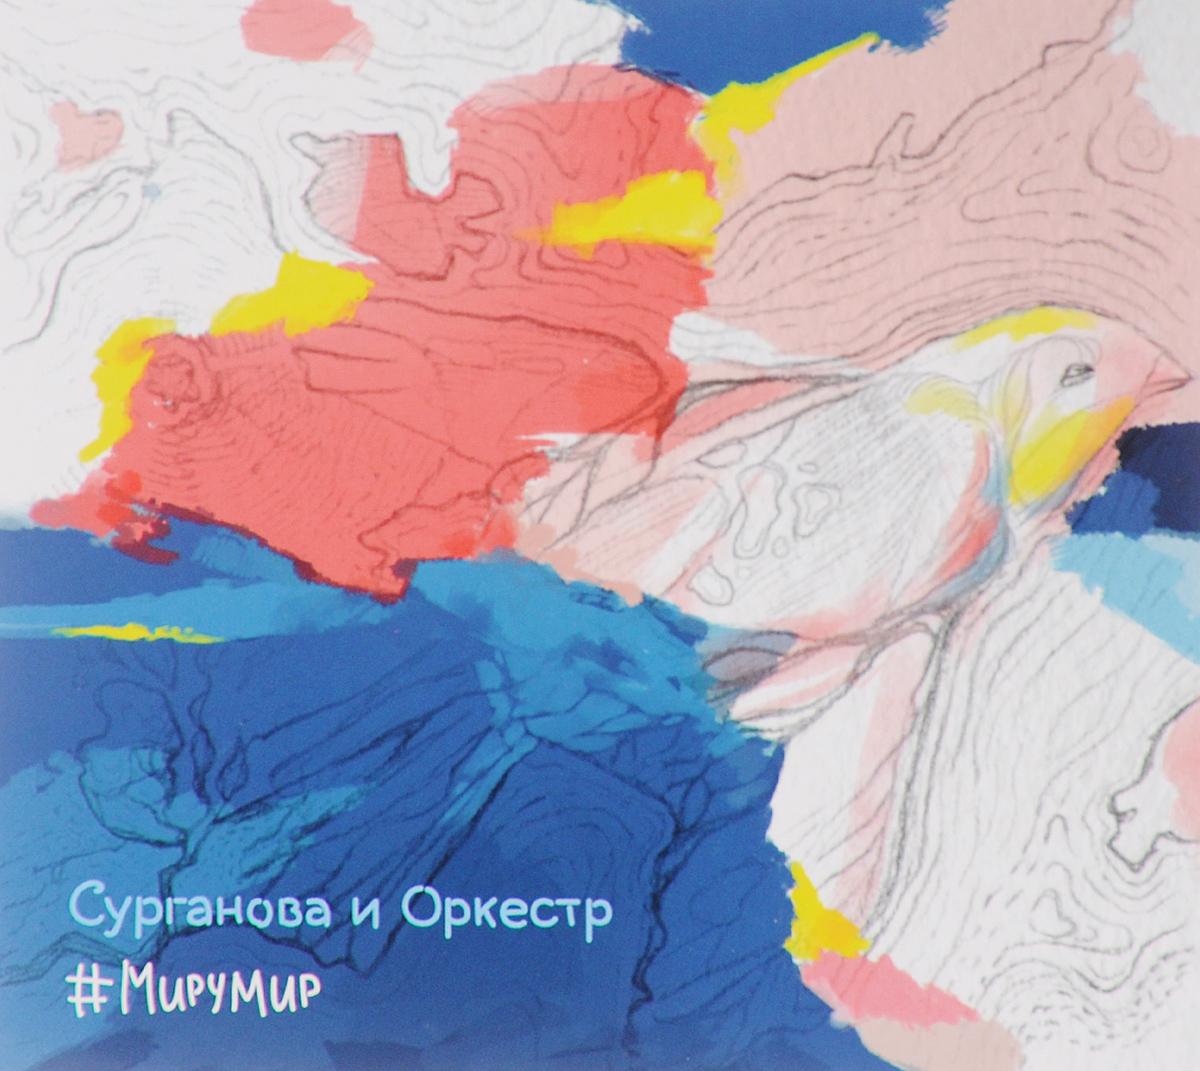 Сурганова и Оркестр Сурганова и оркестр. #МируМир сурганова и оркестр сурганова и оркестр лучшее